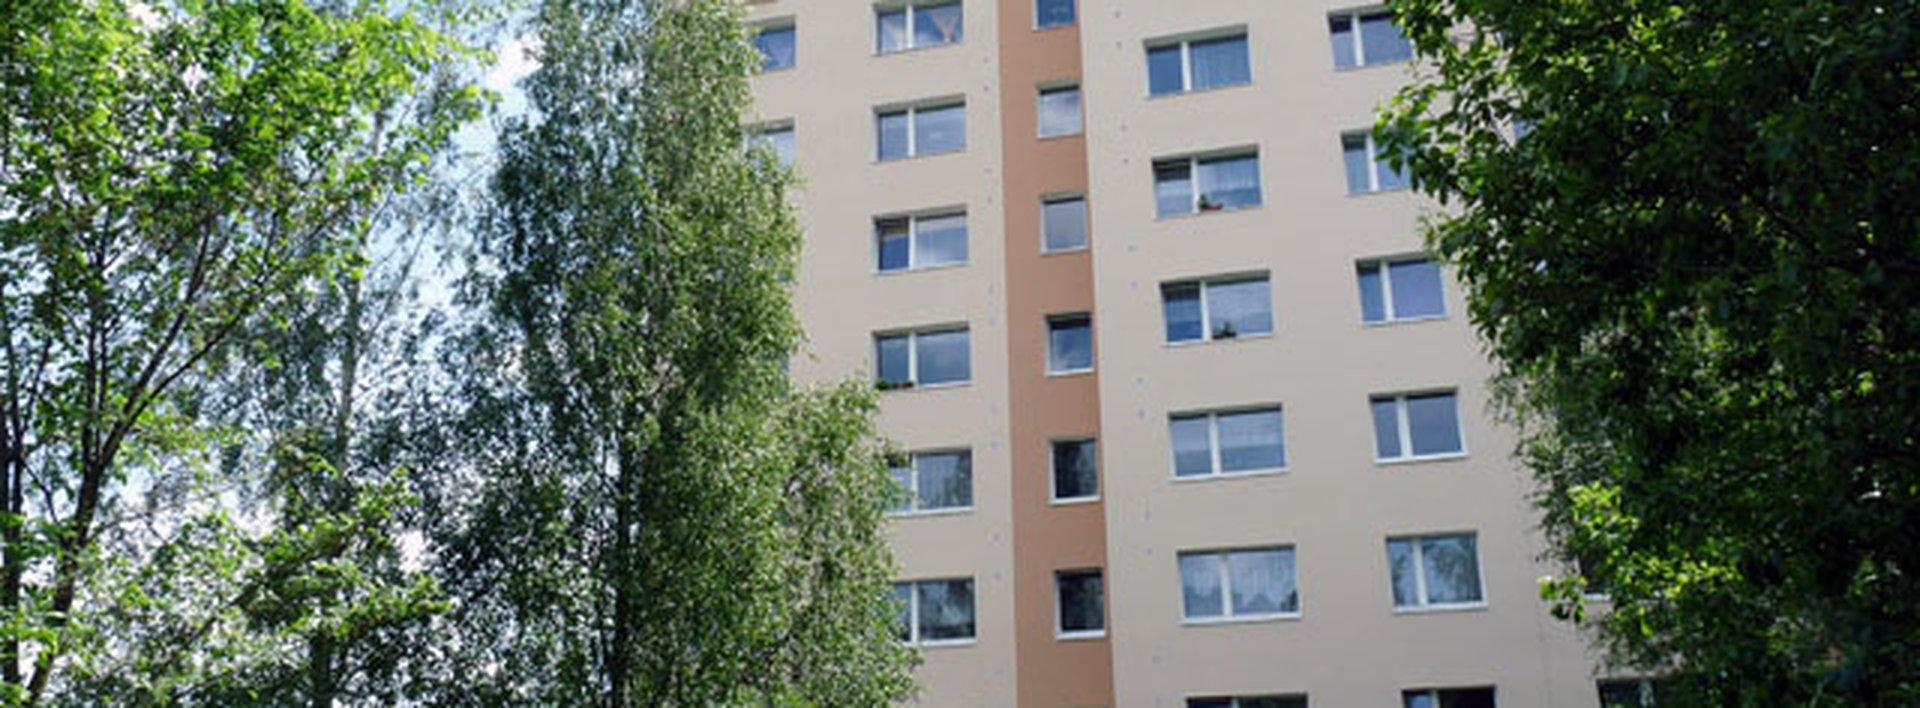 Pronájem bytu 2+1 v Liberci, Ev.č.: N46830